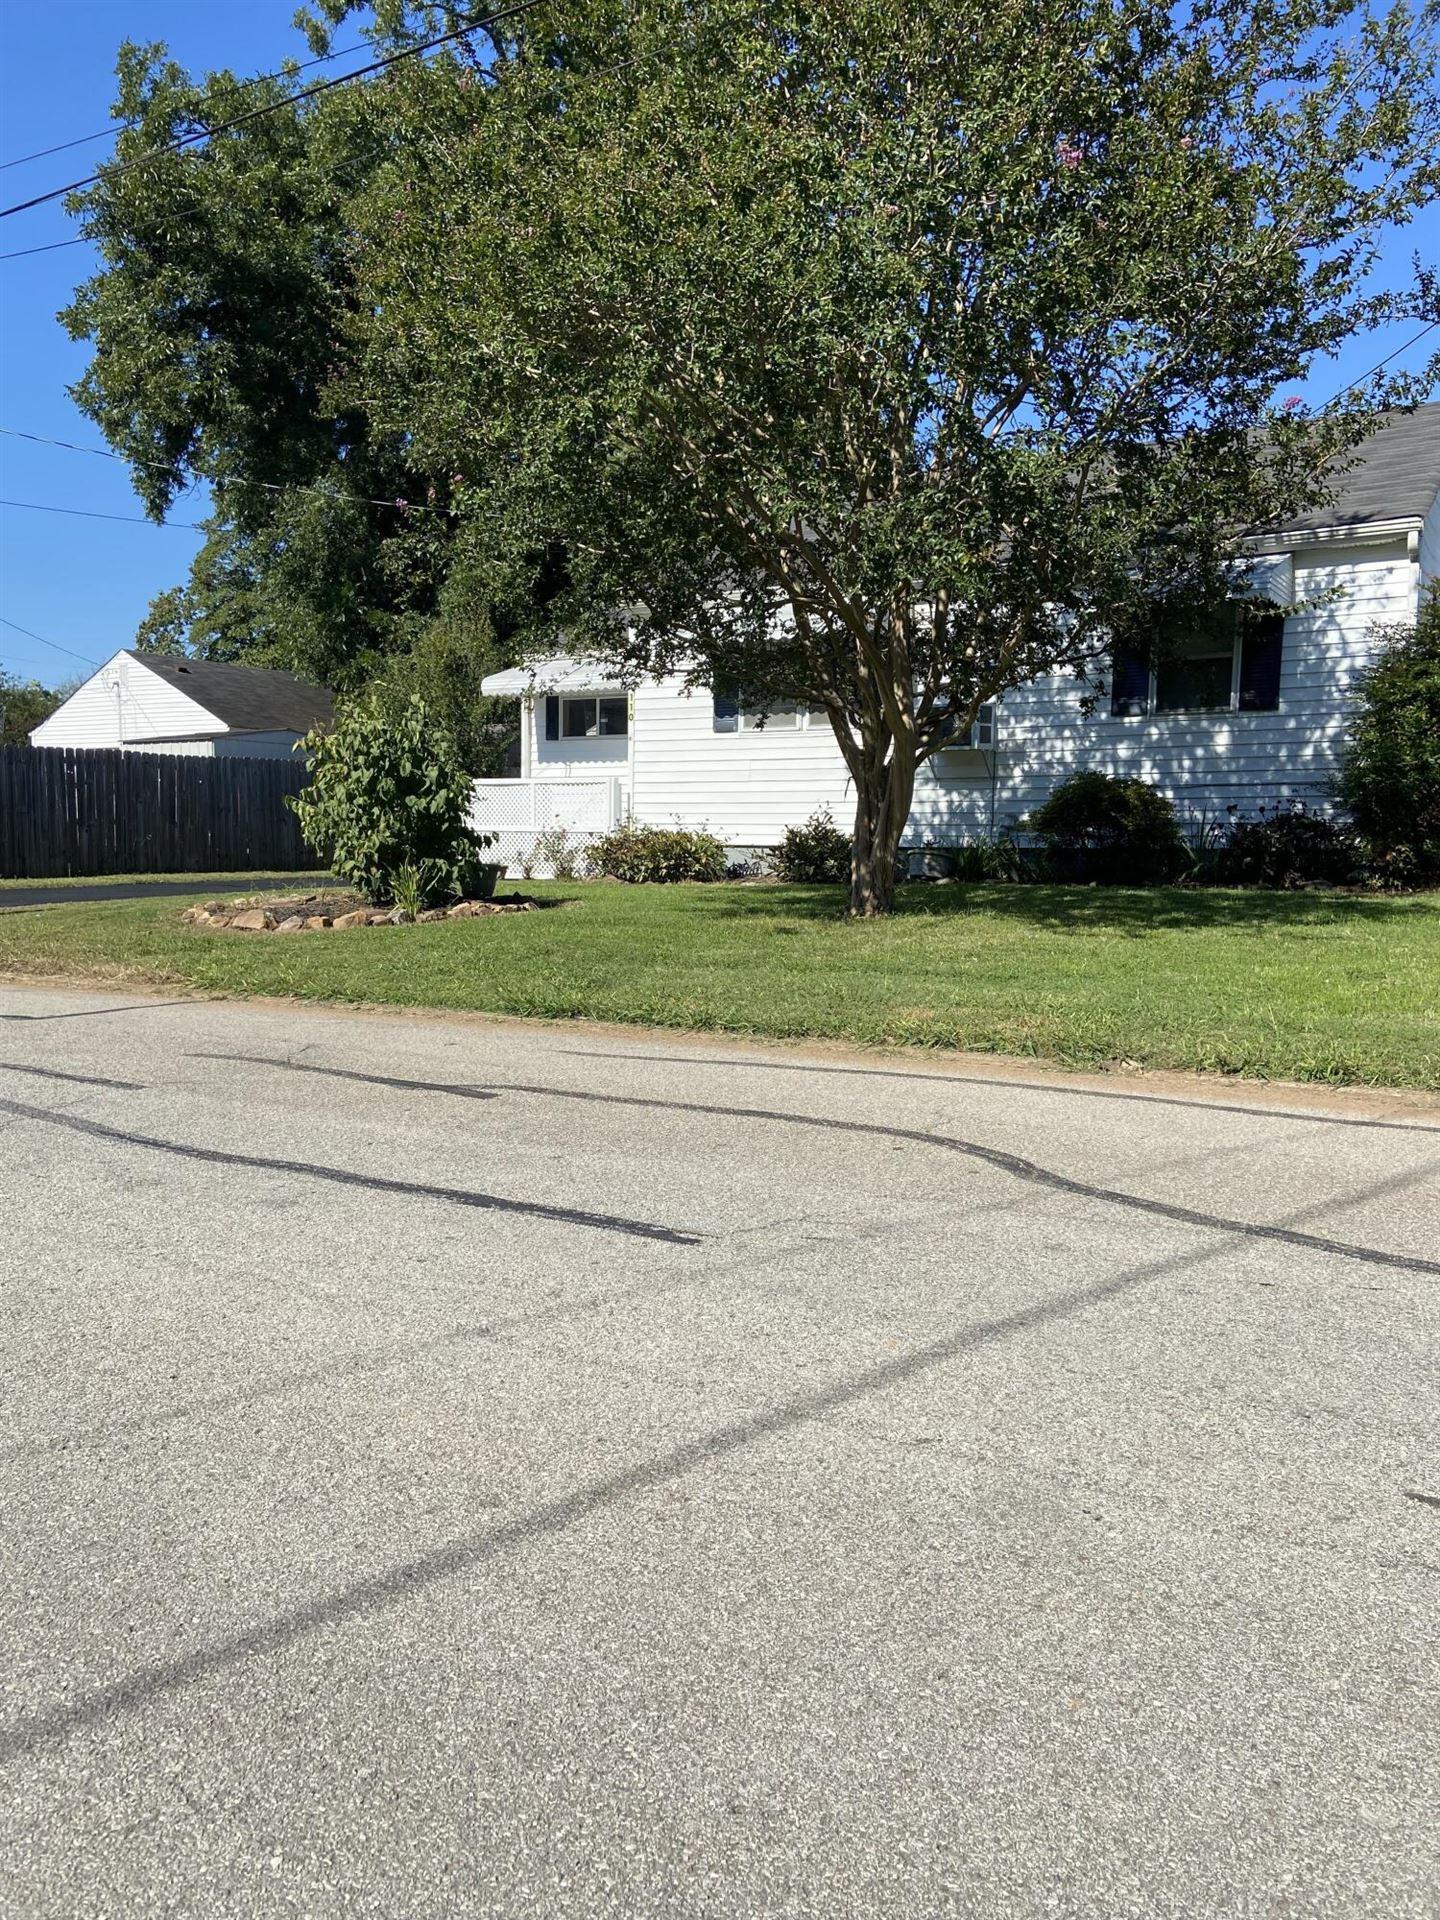 Photo of 110 N Magnolia St, Maryville, TN 37801 (MLS # 1169860)